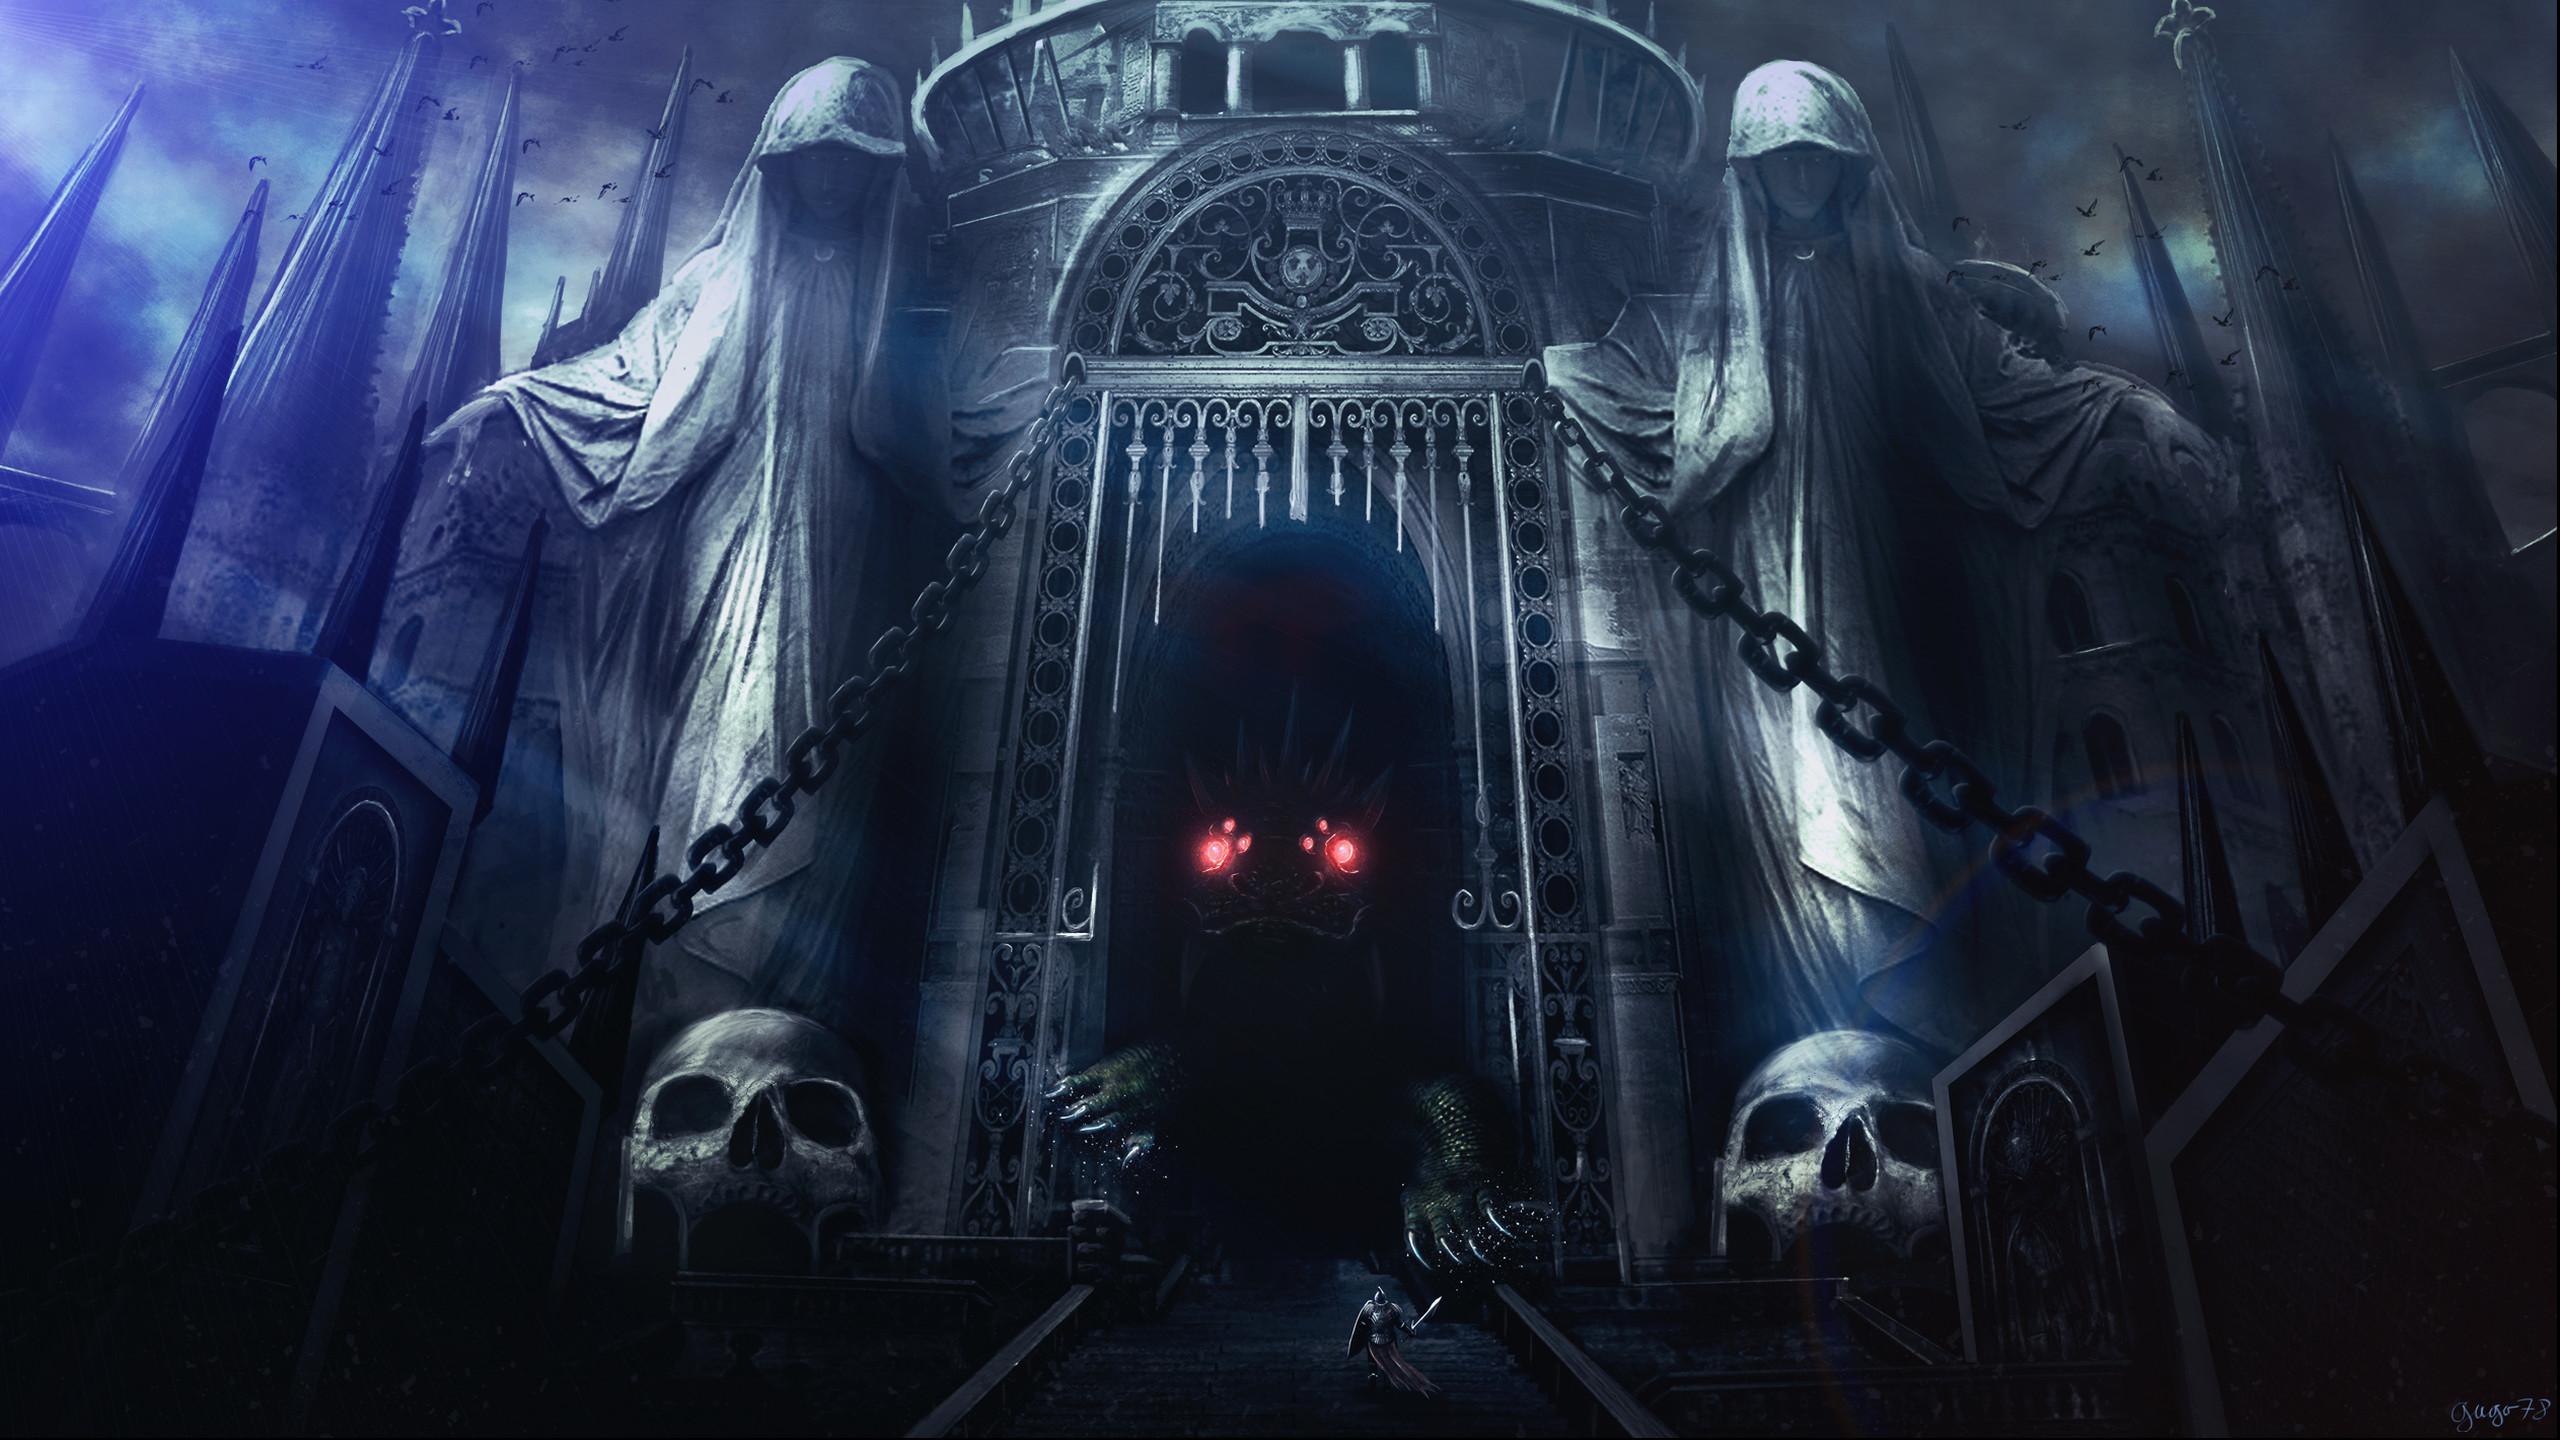 Dark Castle HQ Wallpaper HD x